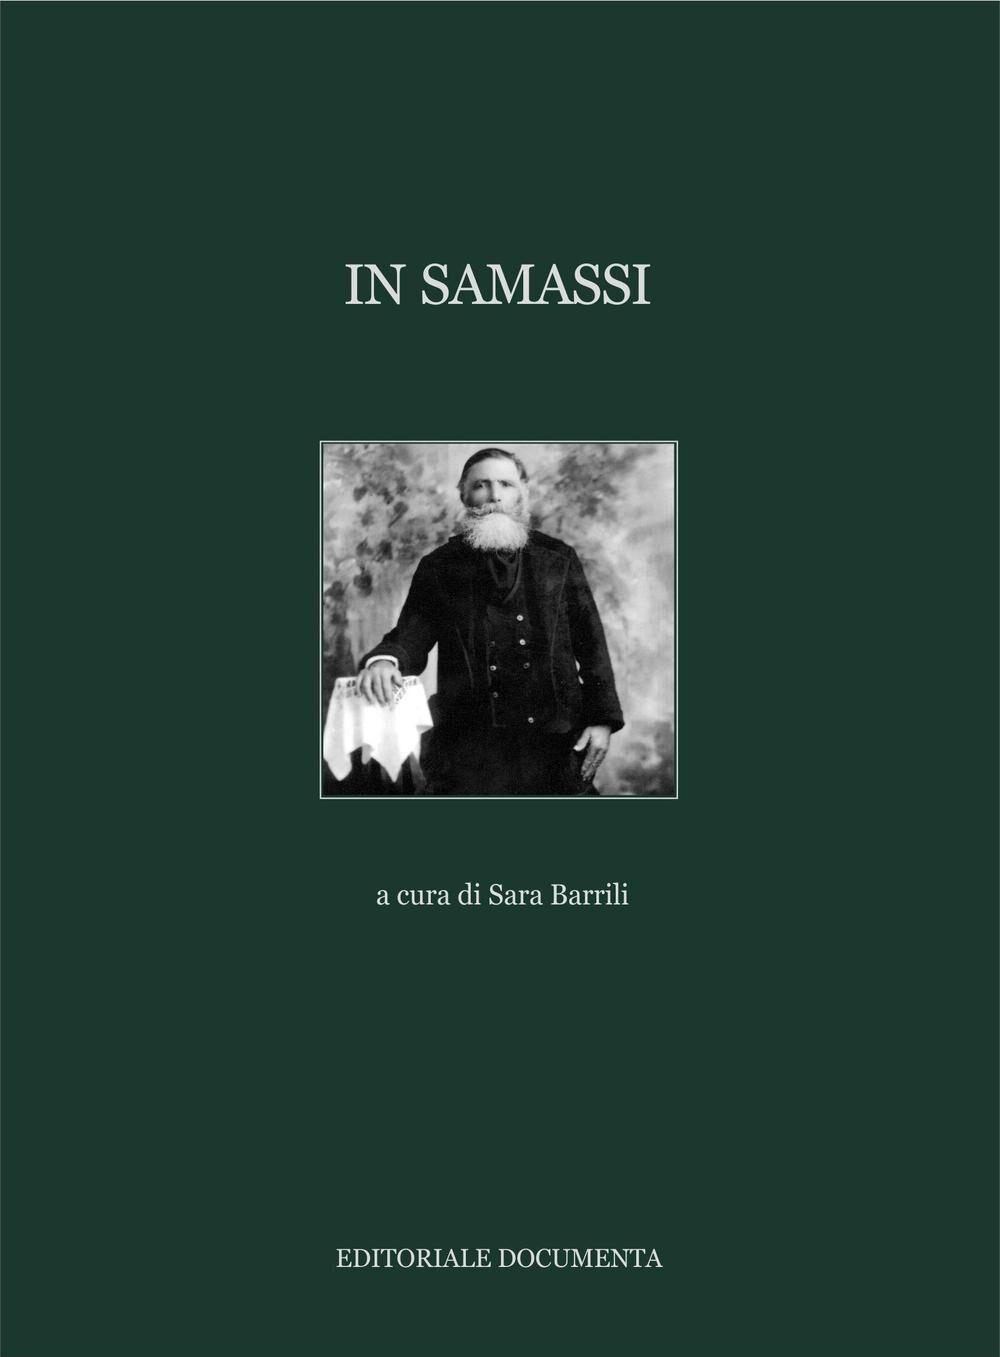 In Samassi